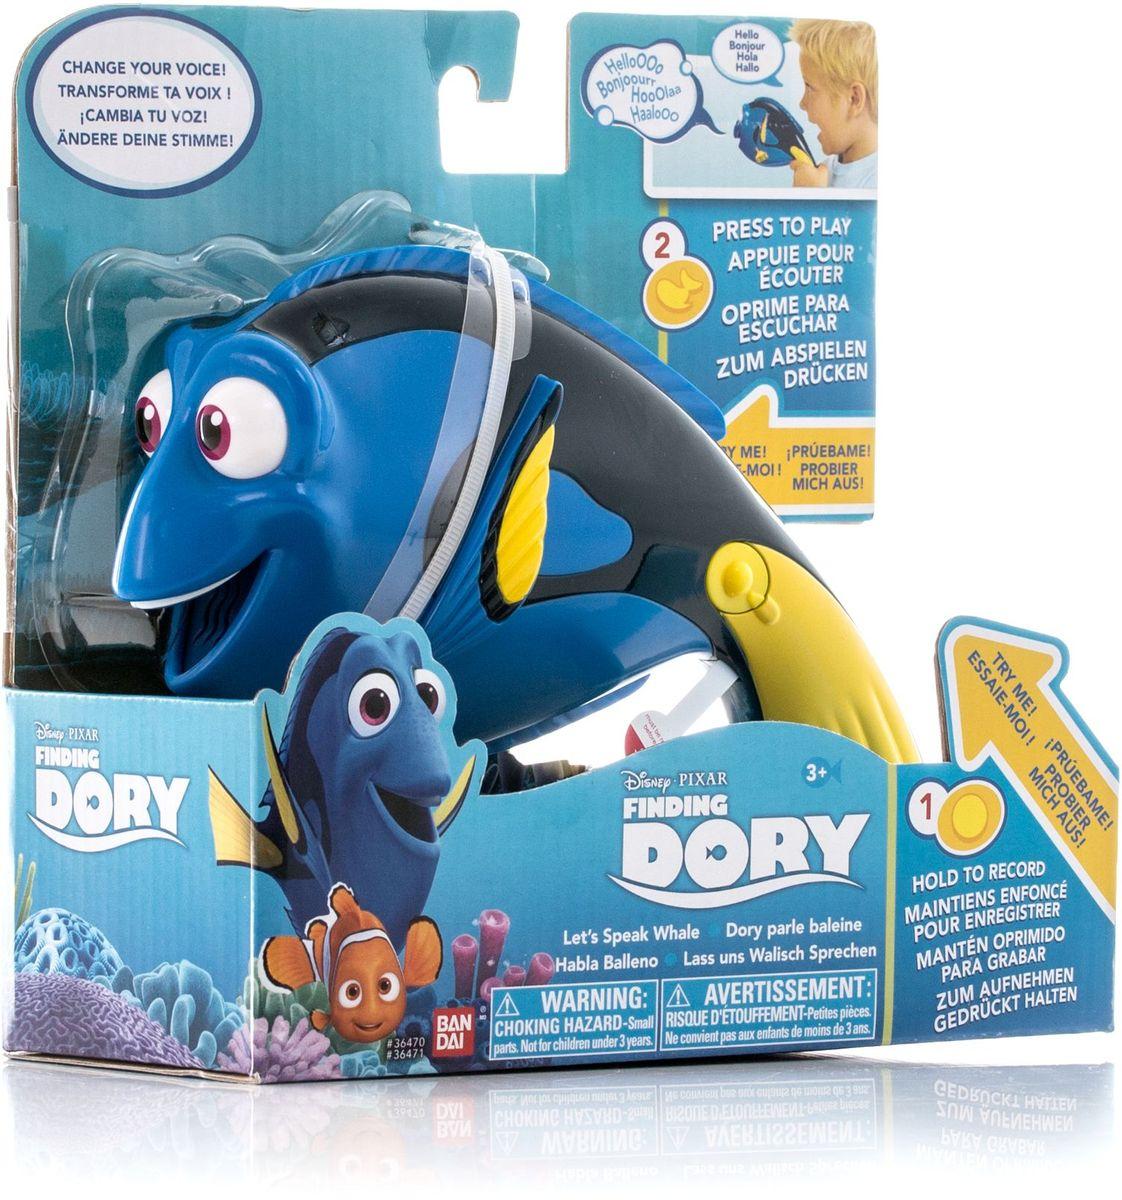 Finding Dory Интерактивная игрушка Дорюша-повторюша36470, 36471Интерактивная игрушка Finding Dory Дорюша-повторюша выполнена в виде подводного обитателя мультипликационного фильма В поисках Дори. Фигурка отличается прекрасной степенью детализации, она выполнена из качественного пластика ярких насыщенных тонов. Скажи любую фразу, а Дори все повторит смешным голосом белуги. Во время записи фразы нужно держать кнопку на одной стороне рыбки нажатой. Для воспроизведения фразы нажать на другую кнопку. Эта милая игрушка поднимет вам настроение и поможет развеселить друзей! Такой подарок понравится как детям, так и взрослым людям с чувством юмора! Работает от 2 батареек ААА (комплектуется демонстрационными).